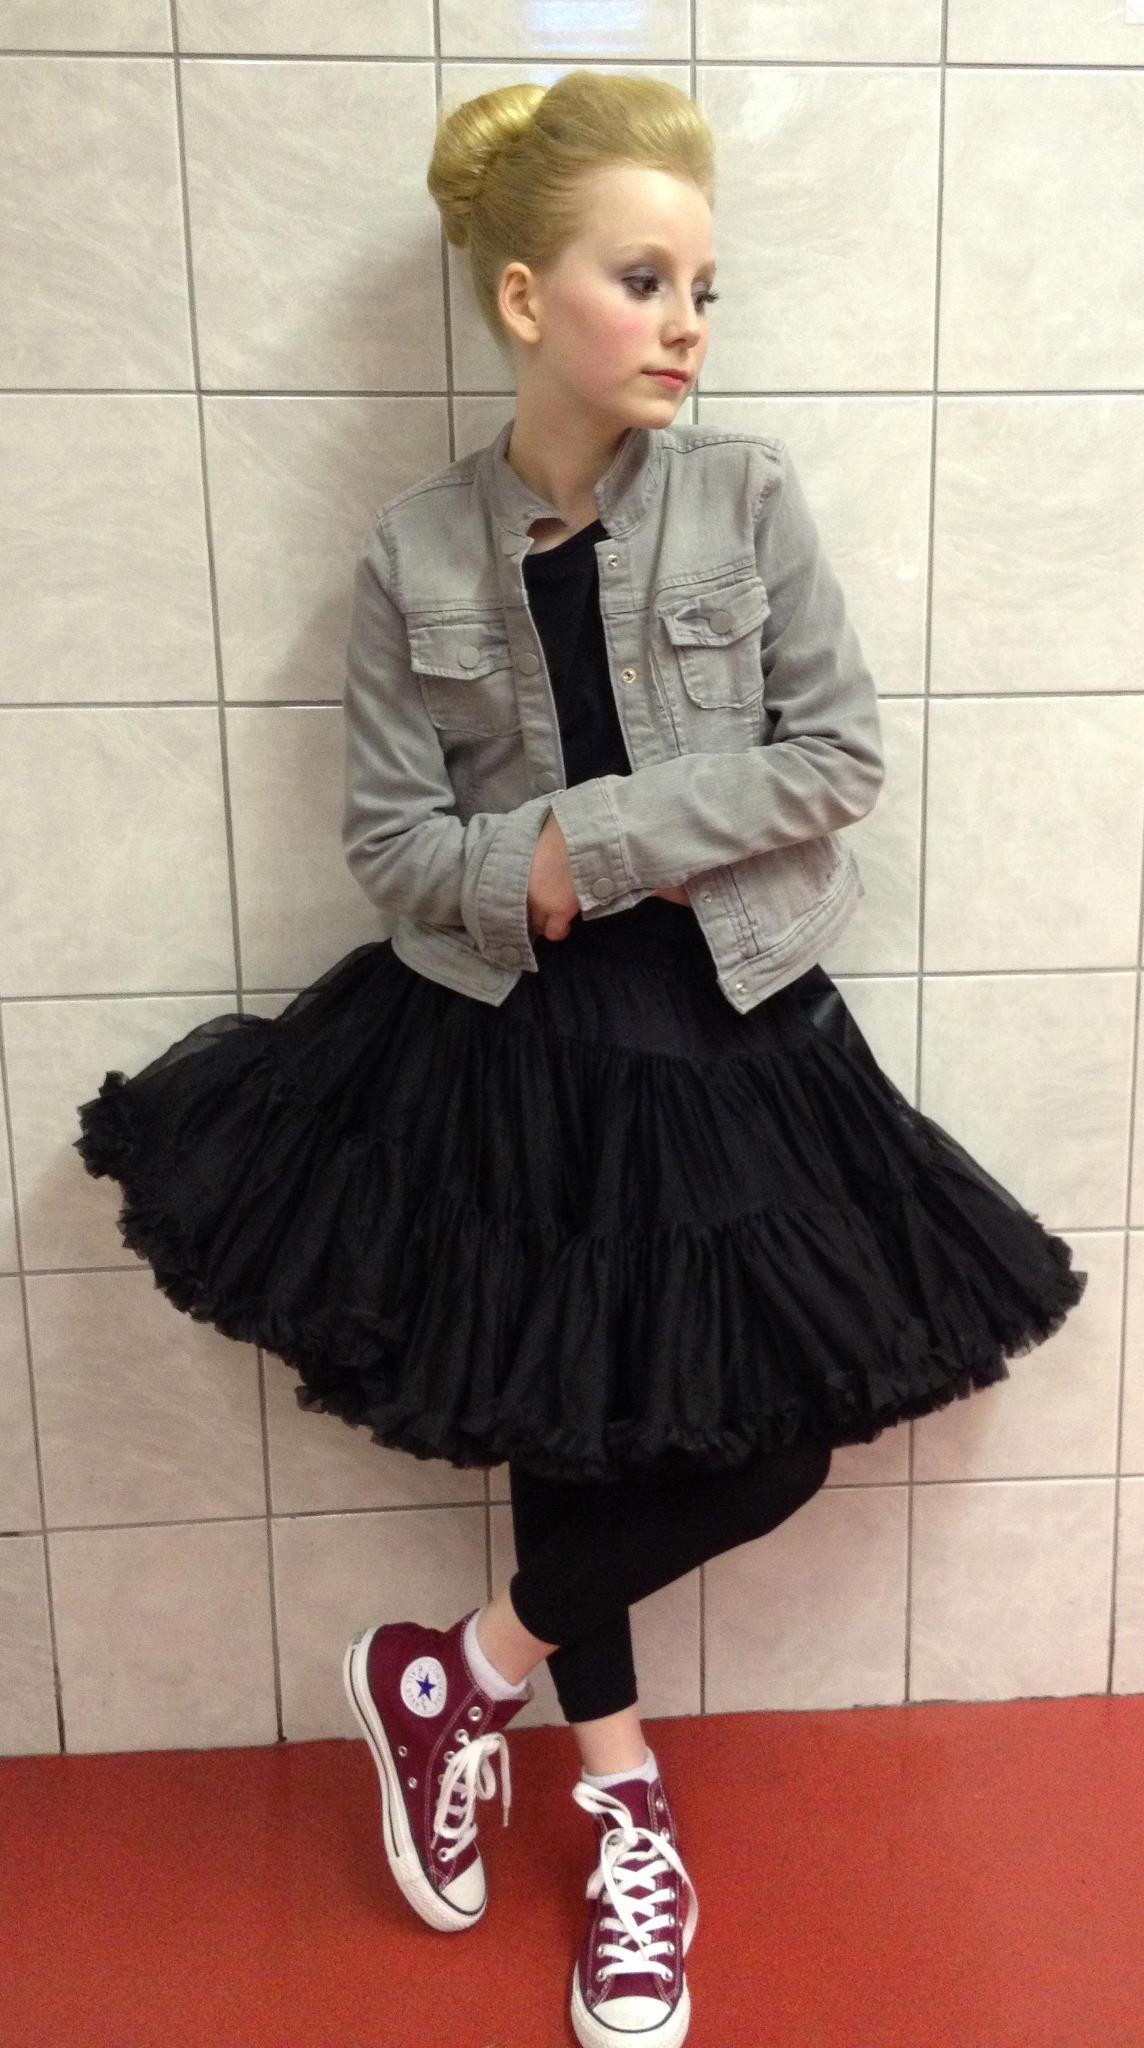 79ab5d0d0fe0 Super cute in her tutu and hi top Converse  FreshOutTheBox